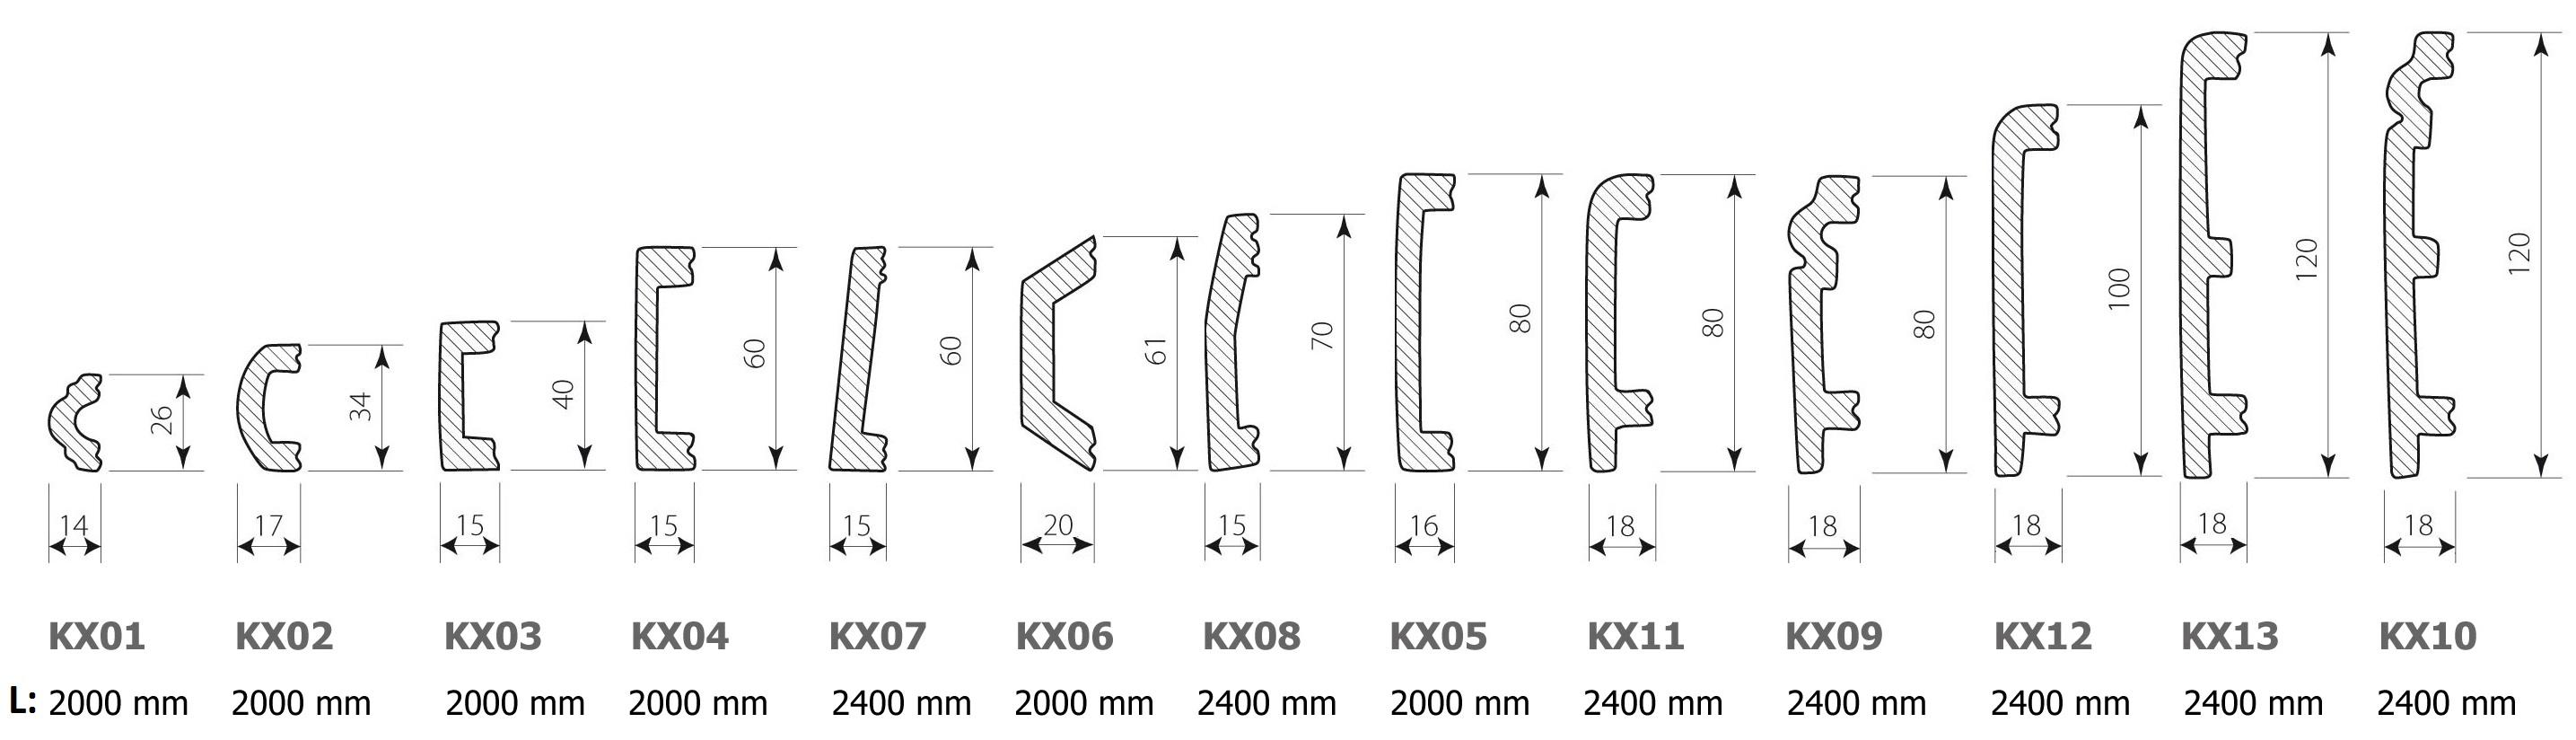 NEU ORGINAL Schraube Torx T15 16mm lang 30 Stück Ø10mm Dichtung Liebherr 9086526